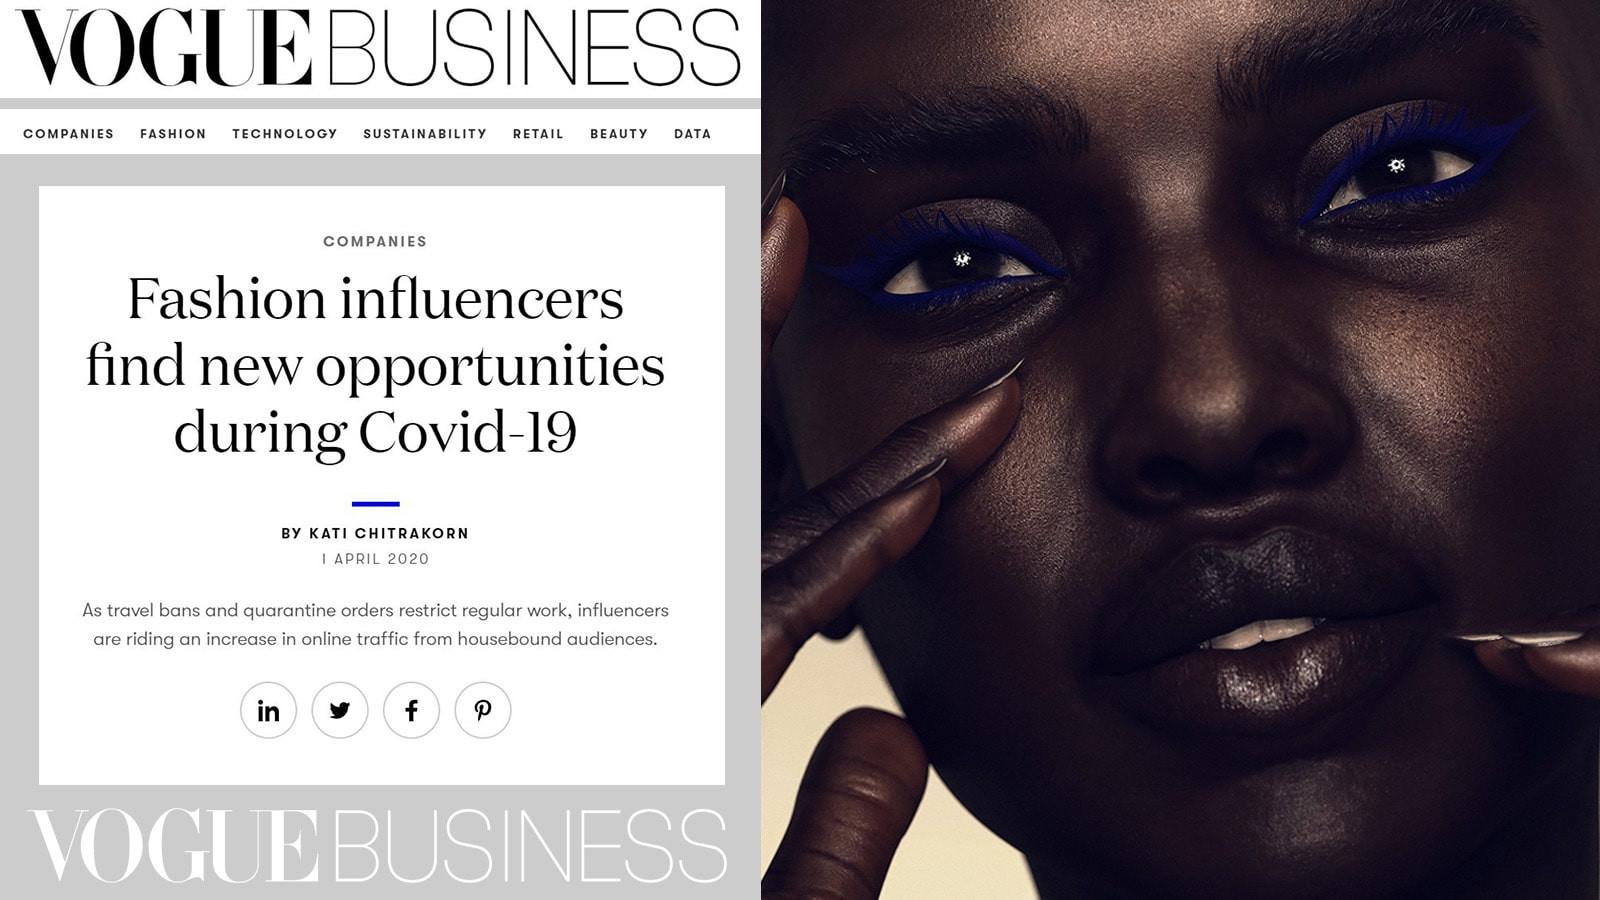 Vogue-Buiss-01-04-20-min.jpg